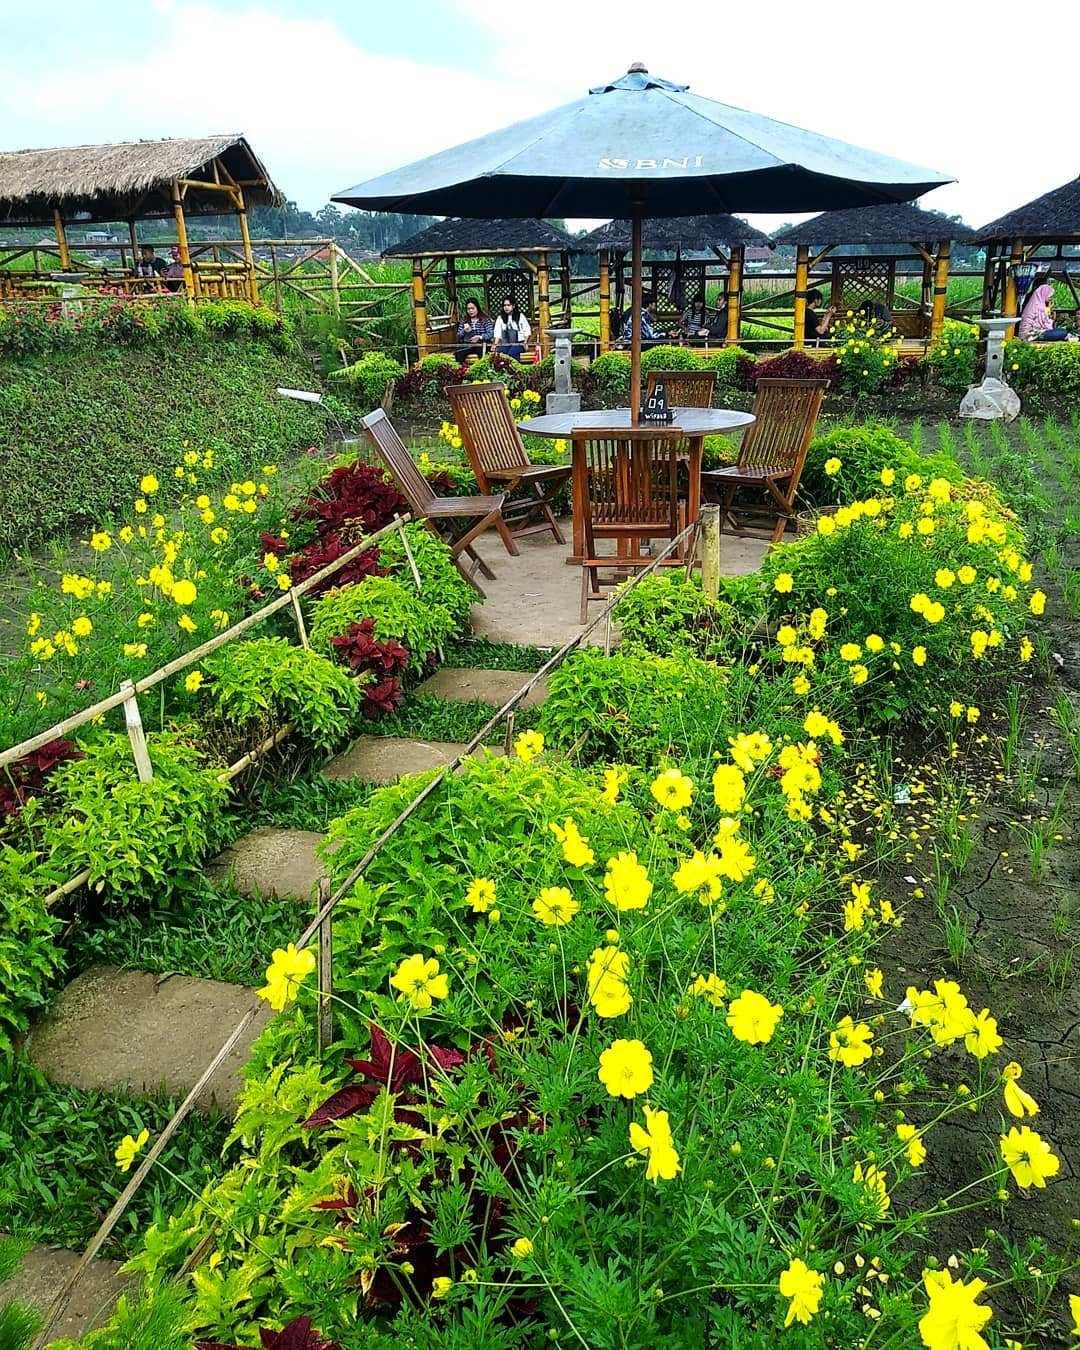 Desa Wisata Pujon Kidul Kabupaten Malang 14 Faktanya Makan Tengah